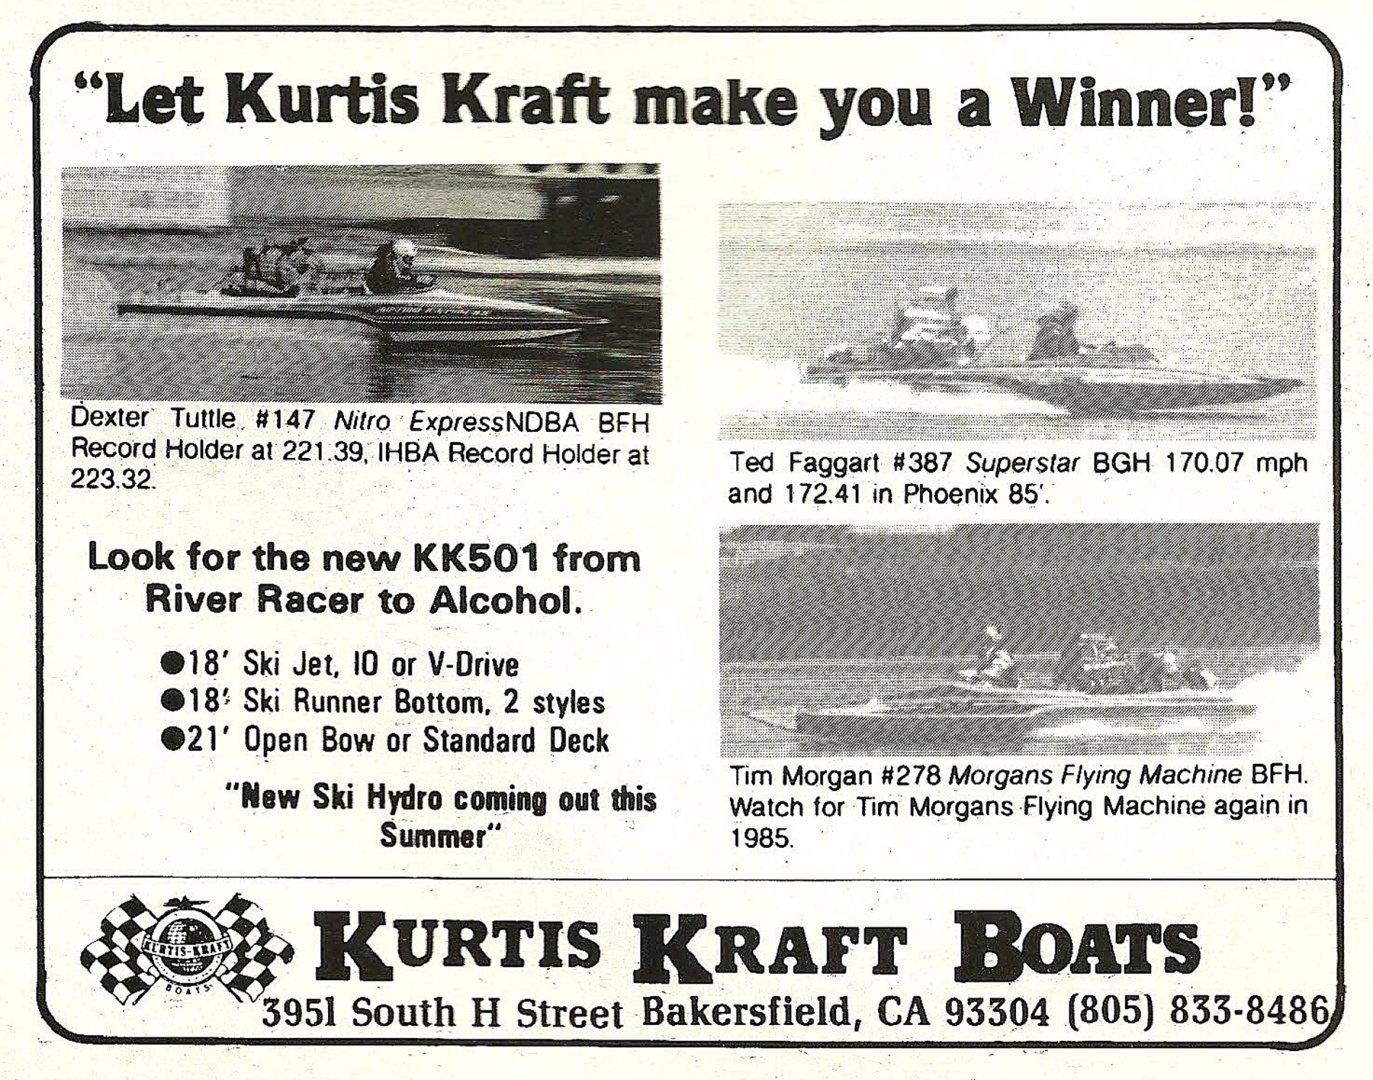 Kurtis Kraft Boats A.jpg